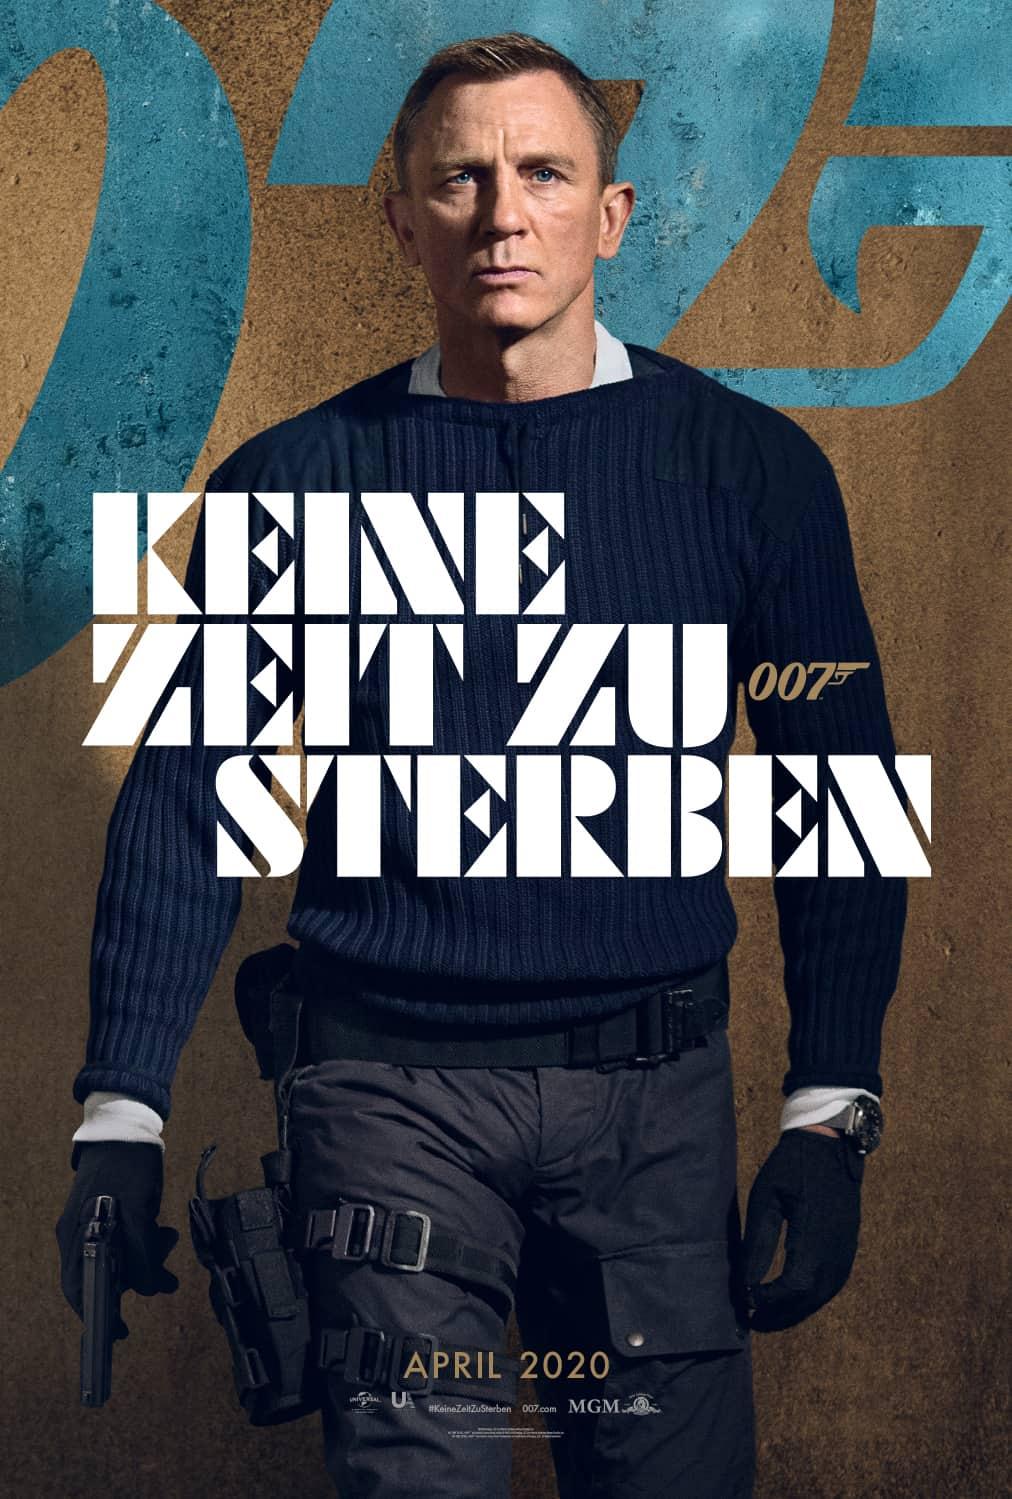 JAMES BOND 007 - KEINE ZEIT ZU STERBEN: Der erste spektakuläre Trailer ist online!